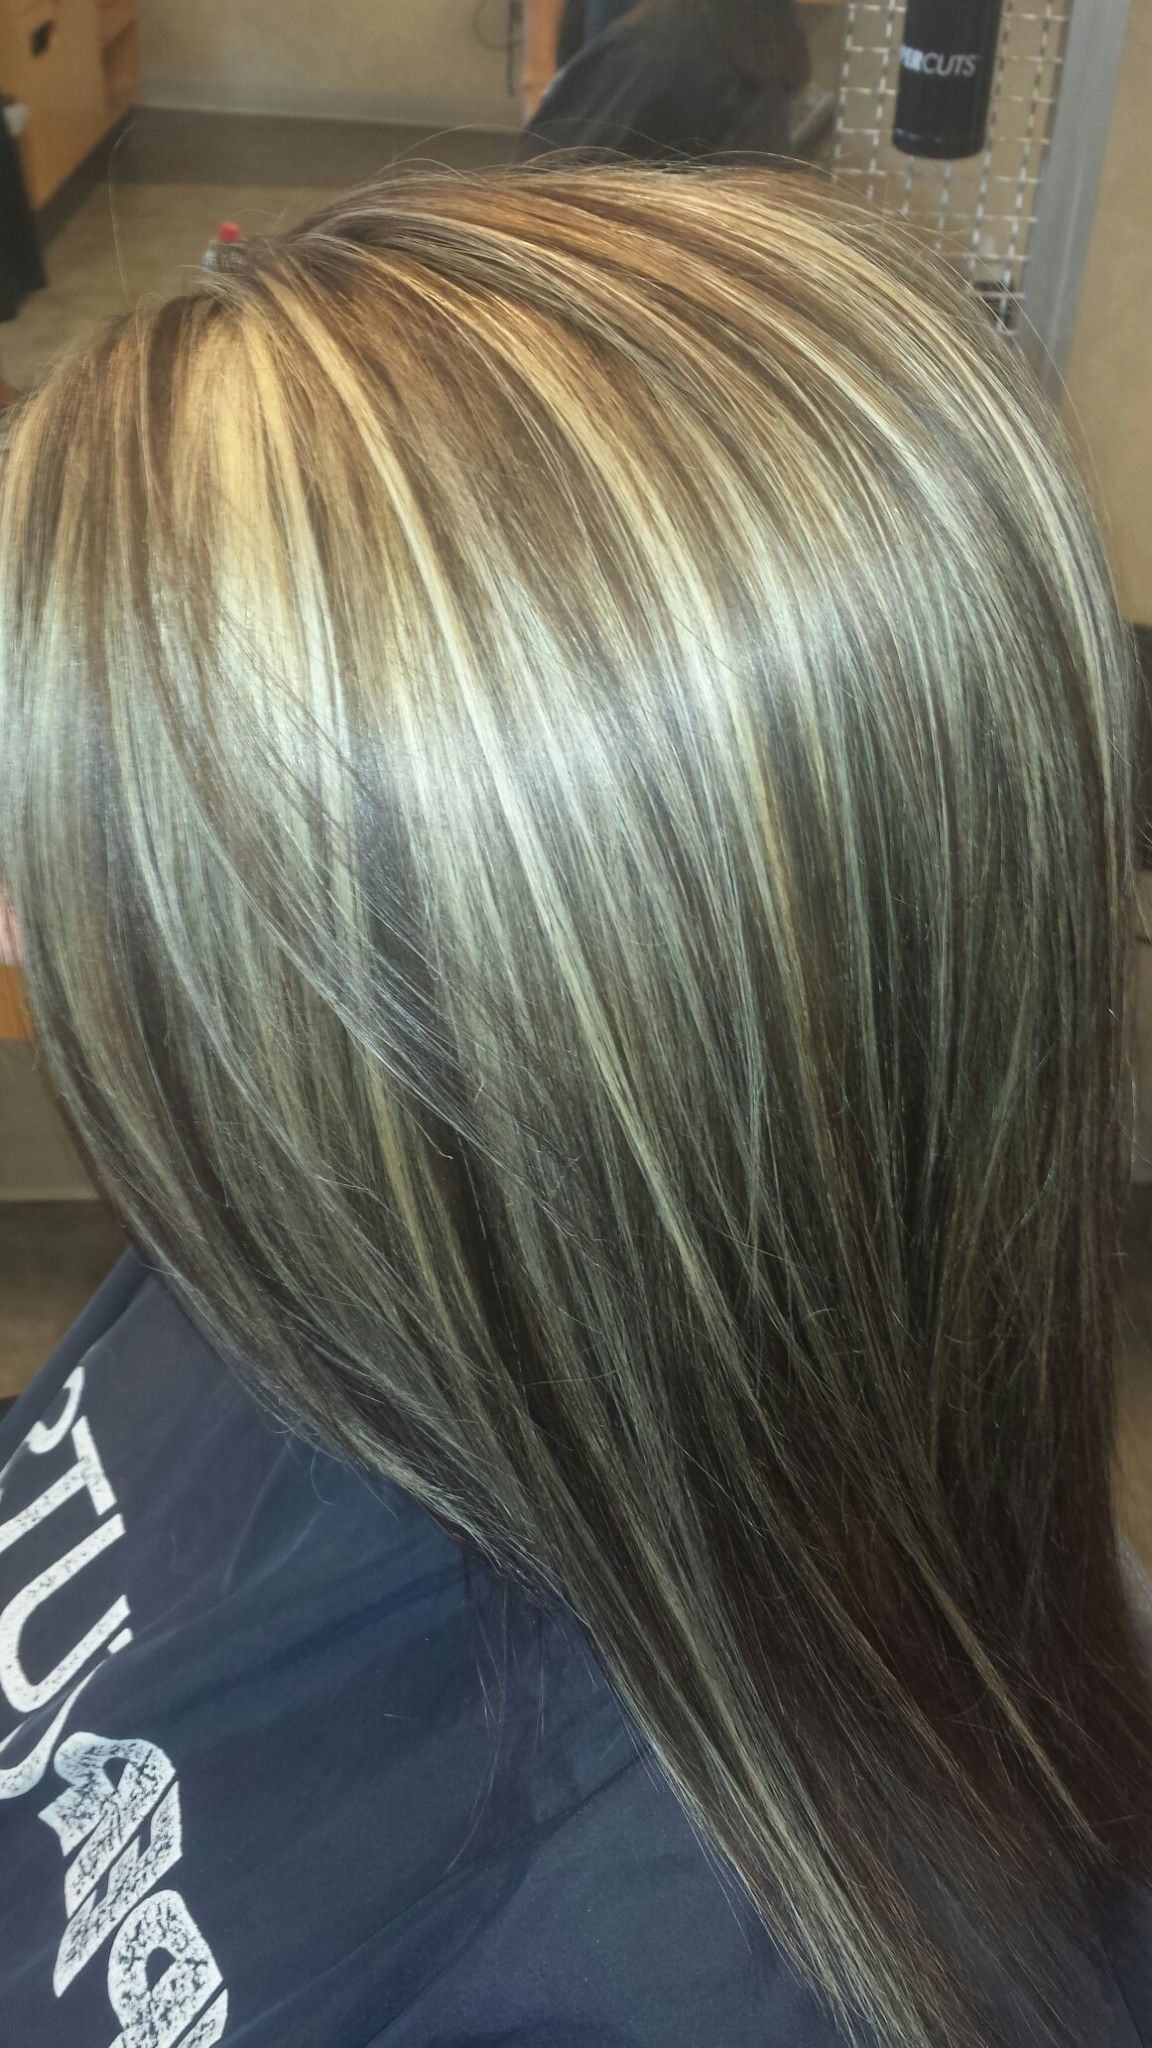 Pin by karen leitch on karen pinterest hair coloring hair style